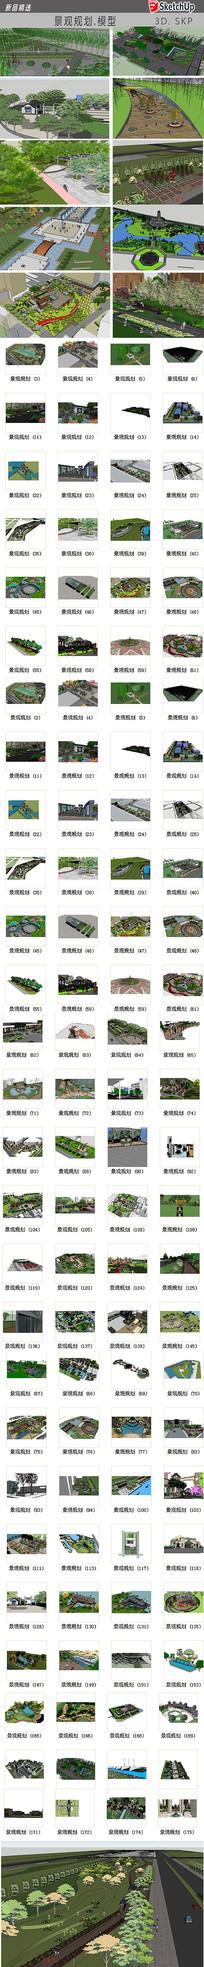 园林景观规划模型